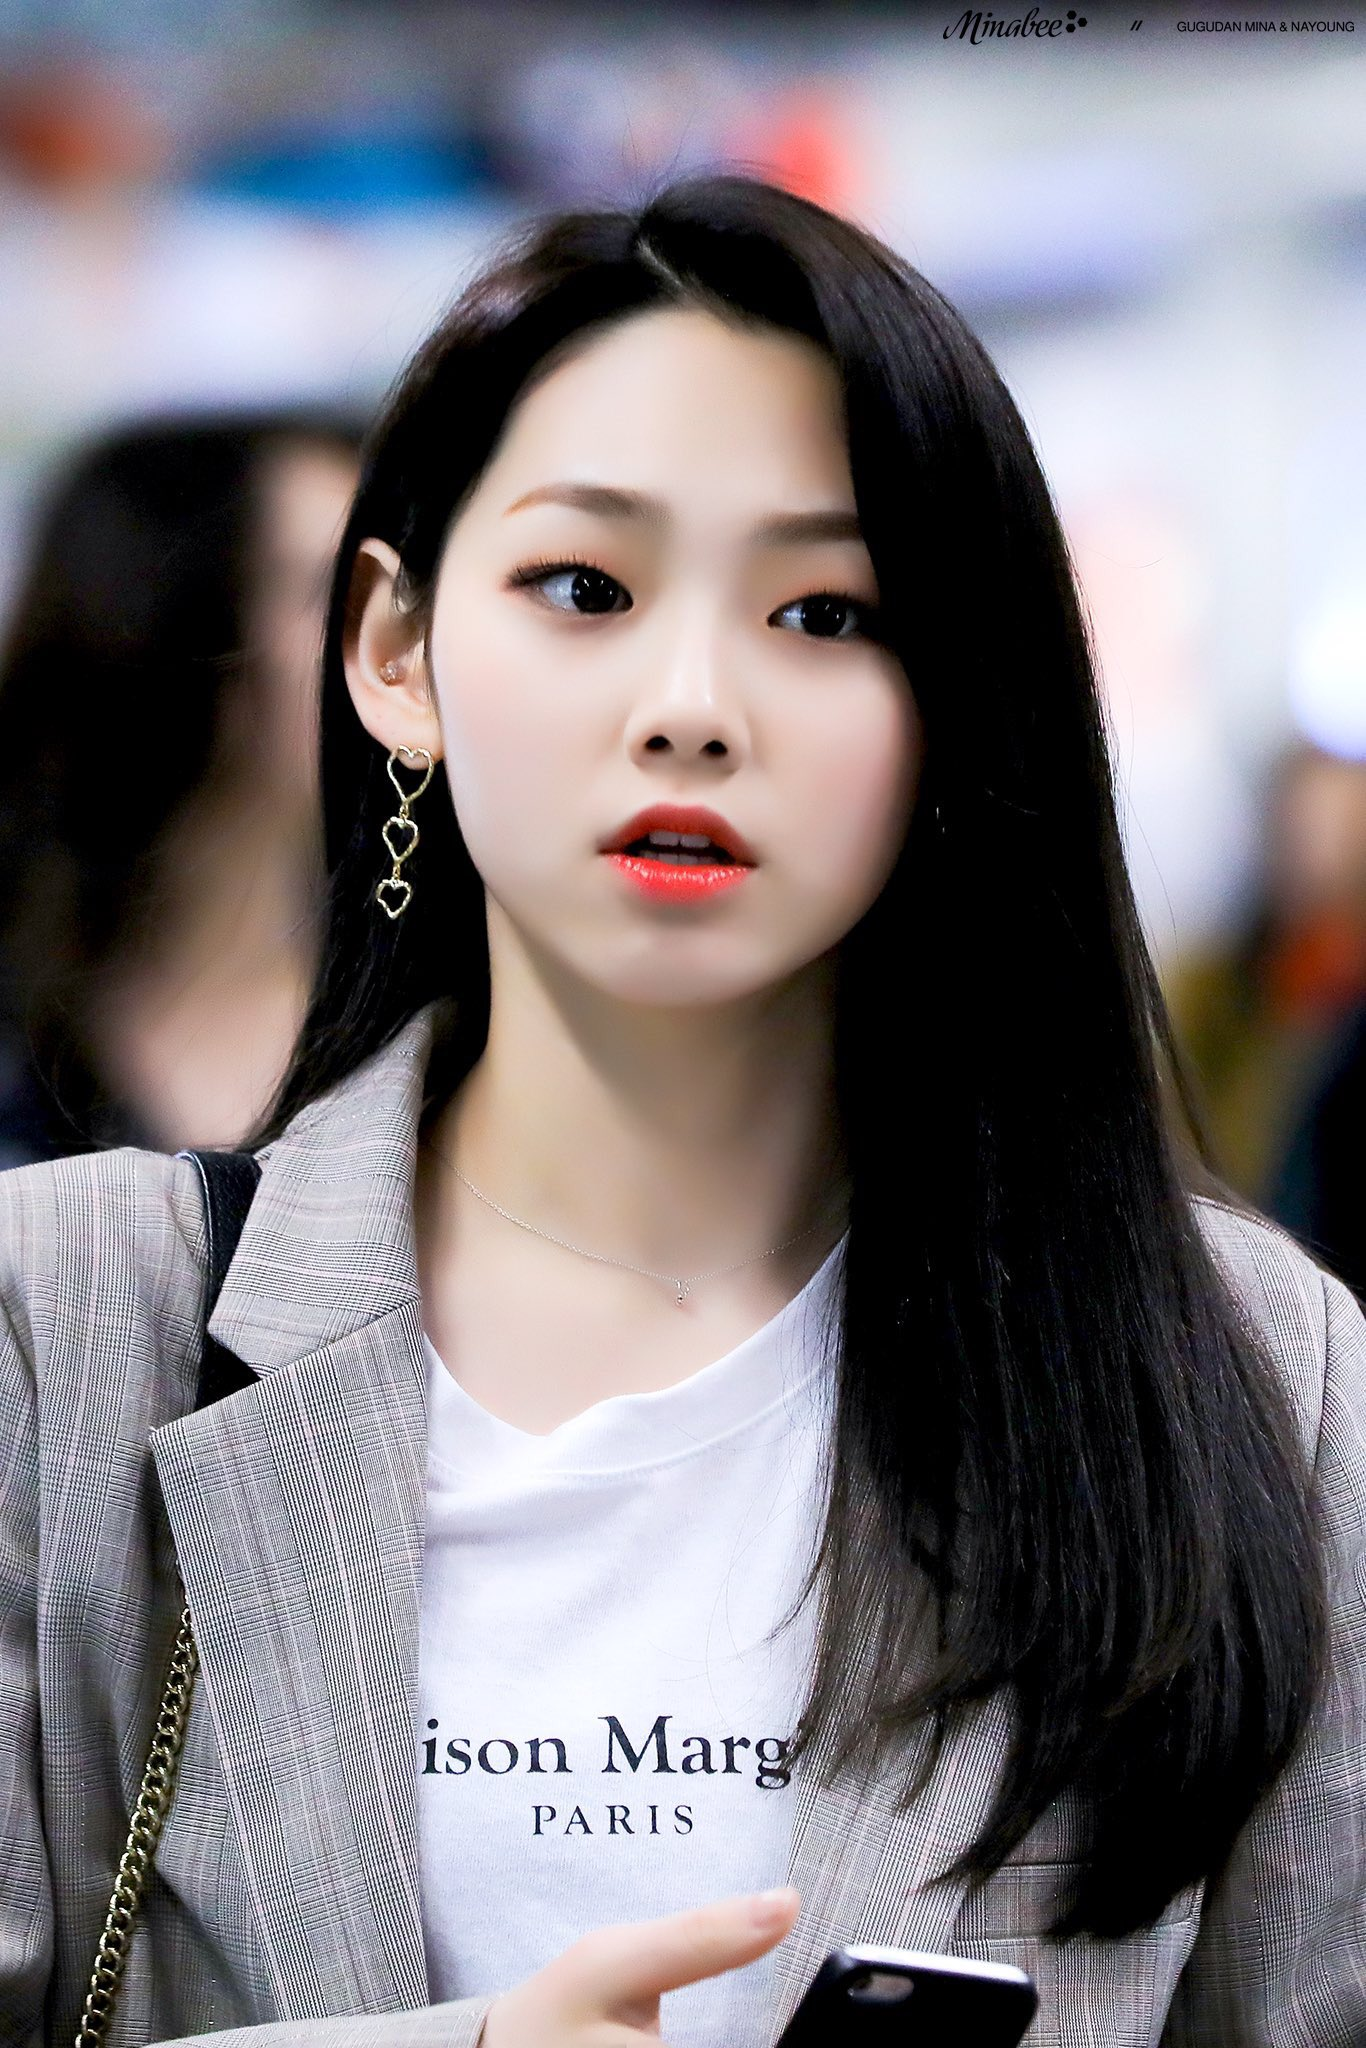 Kang Mina